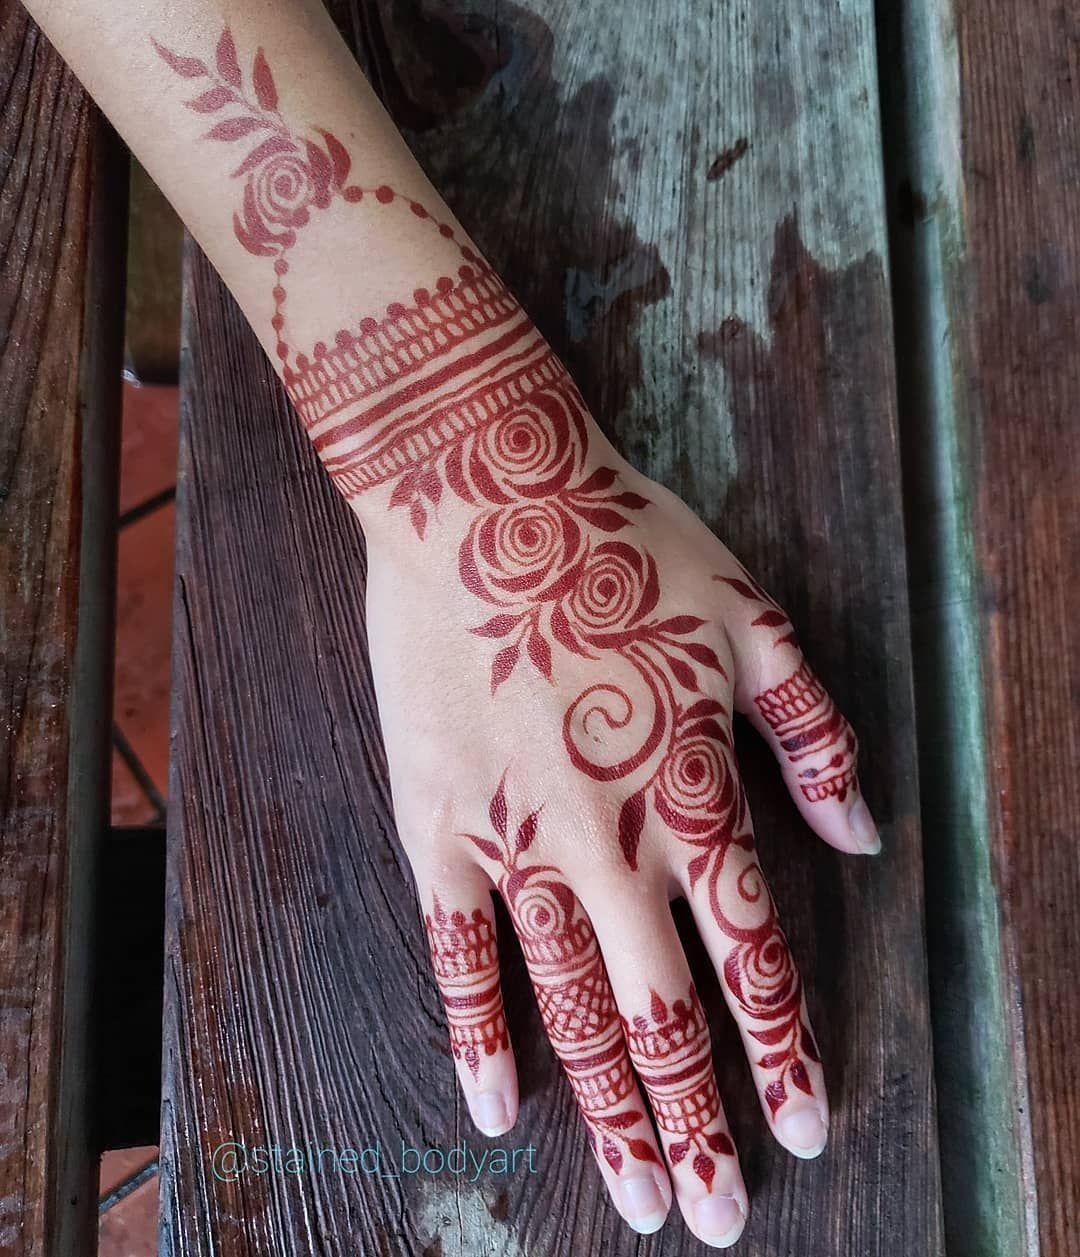 صور نقش الحناء Henna Designs Floral Henna Designs Henna Designs Arm